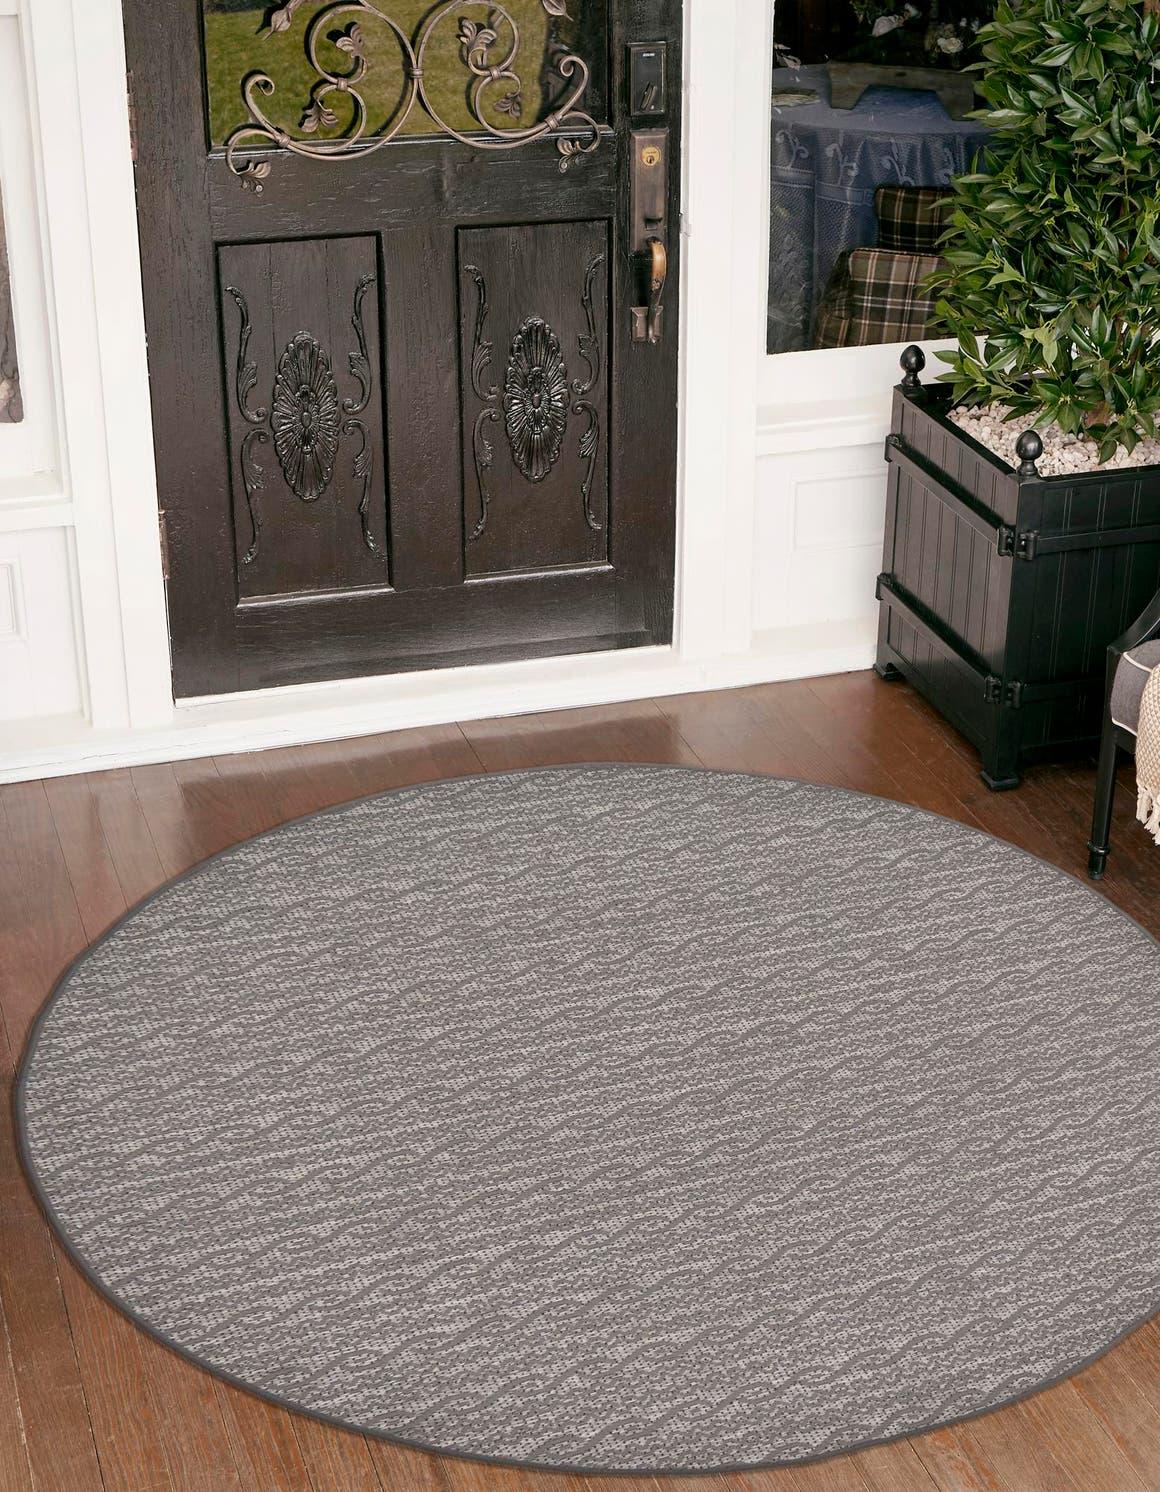 6' x 6' Outdoor Modern Round Rug main image